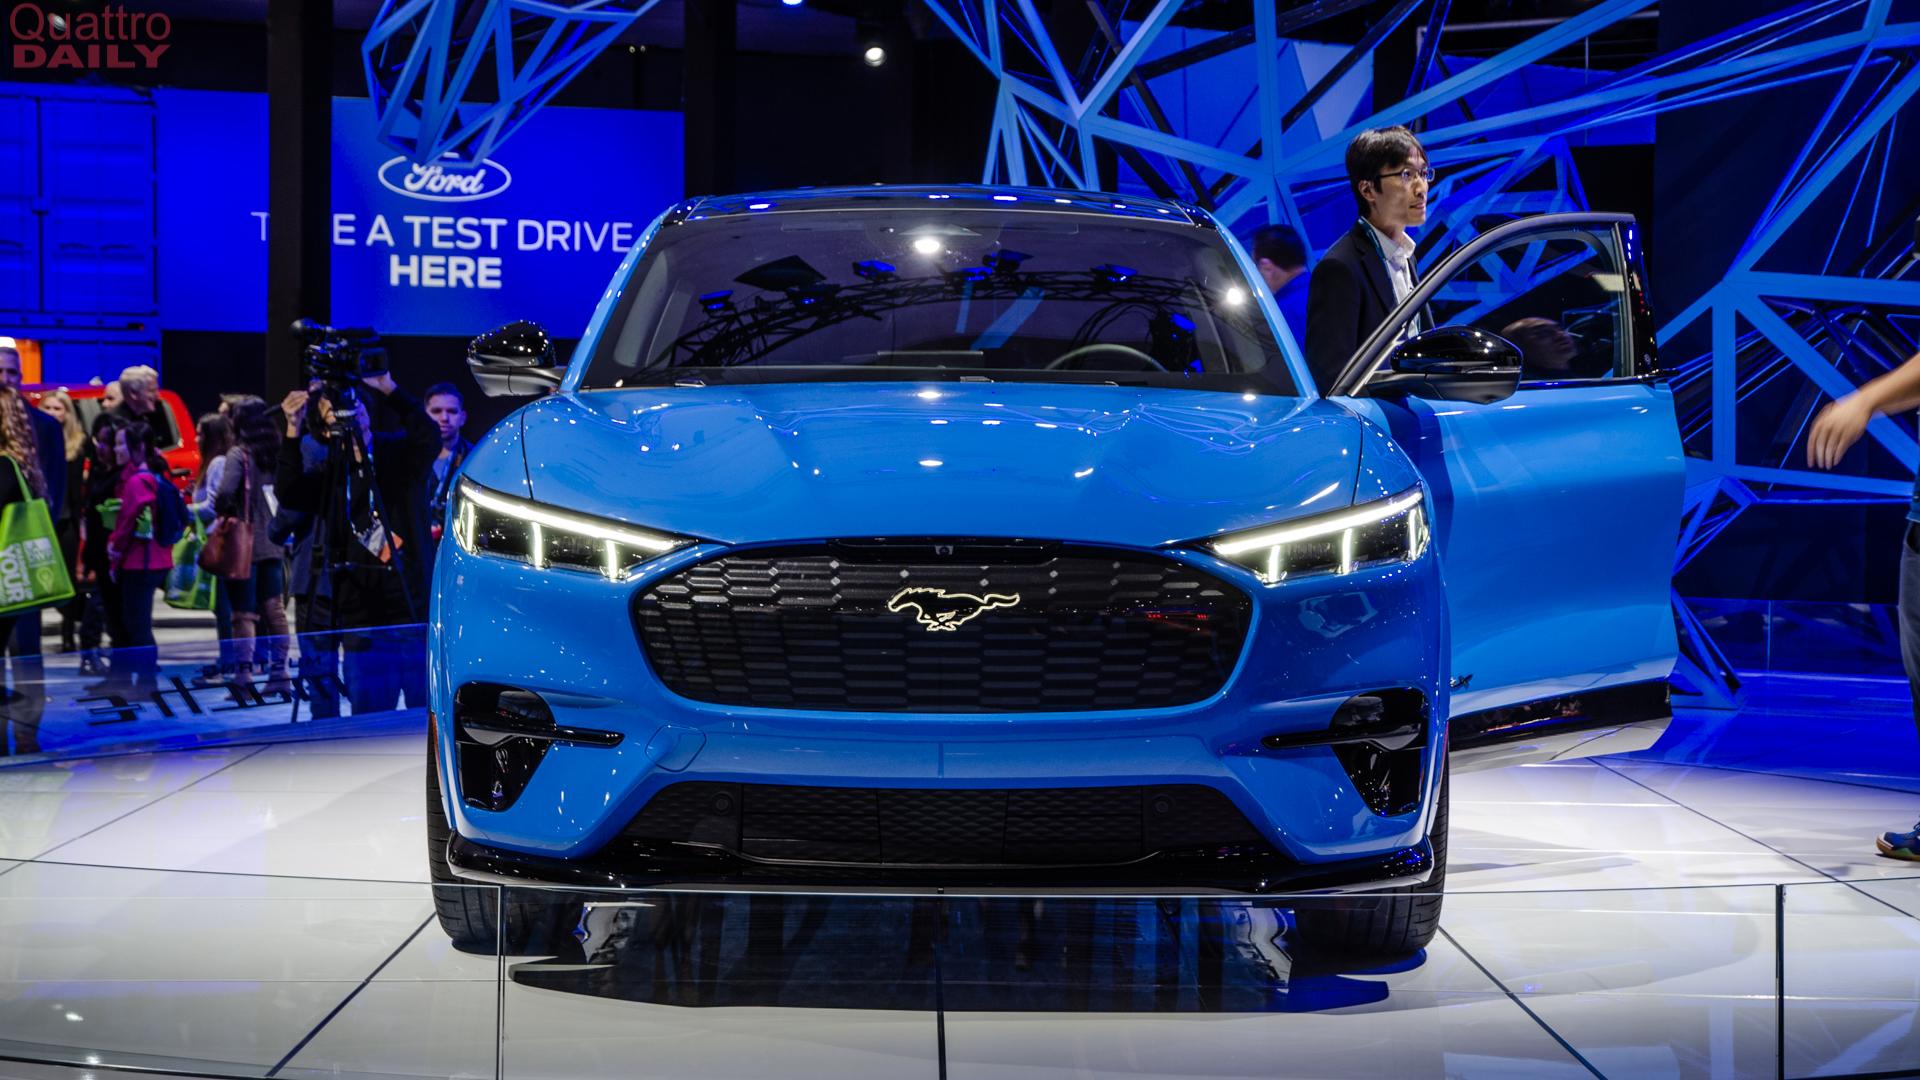 Mustang Mach E LA Auto Show 6 of 10